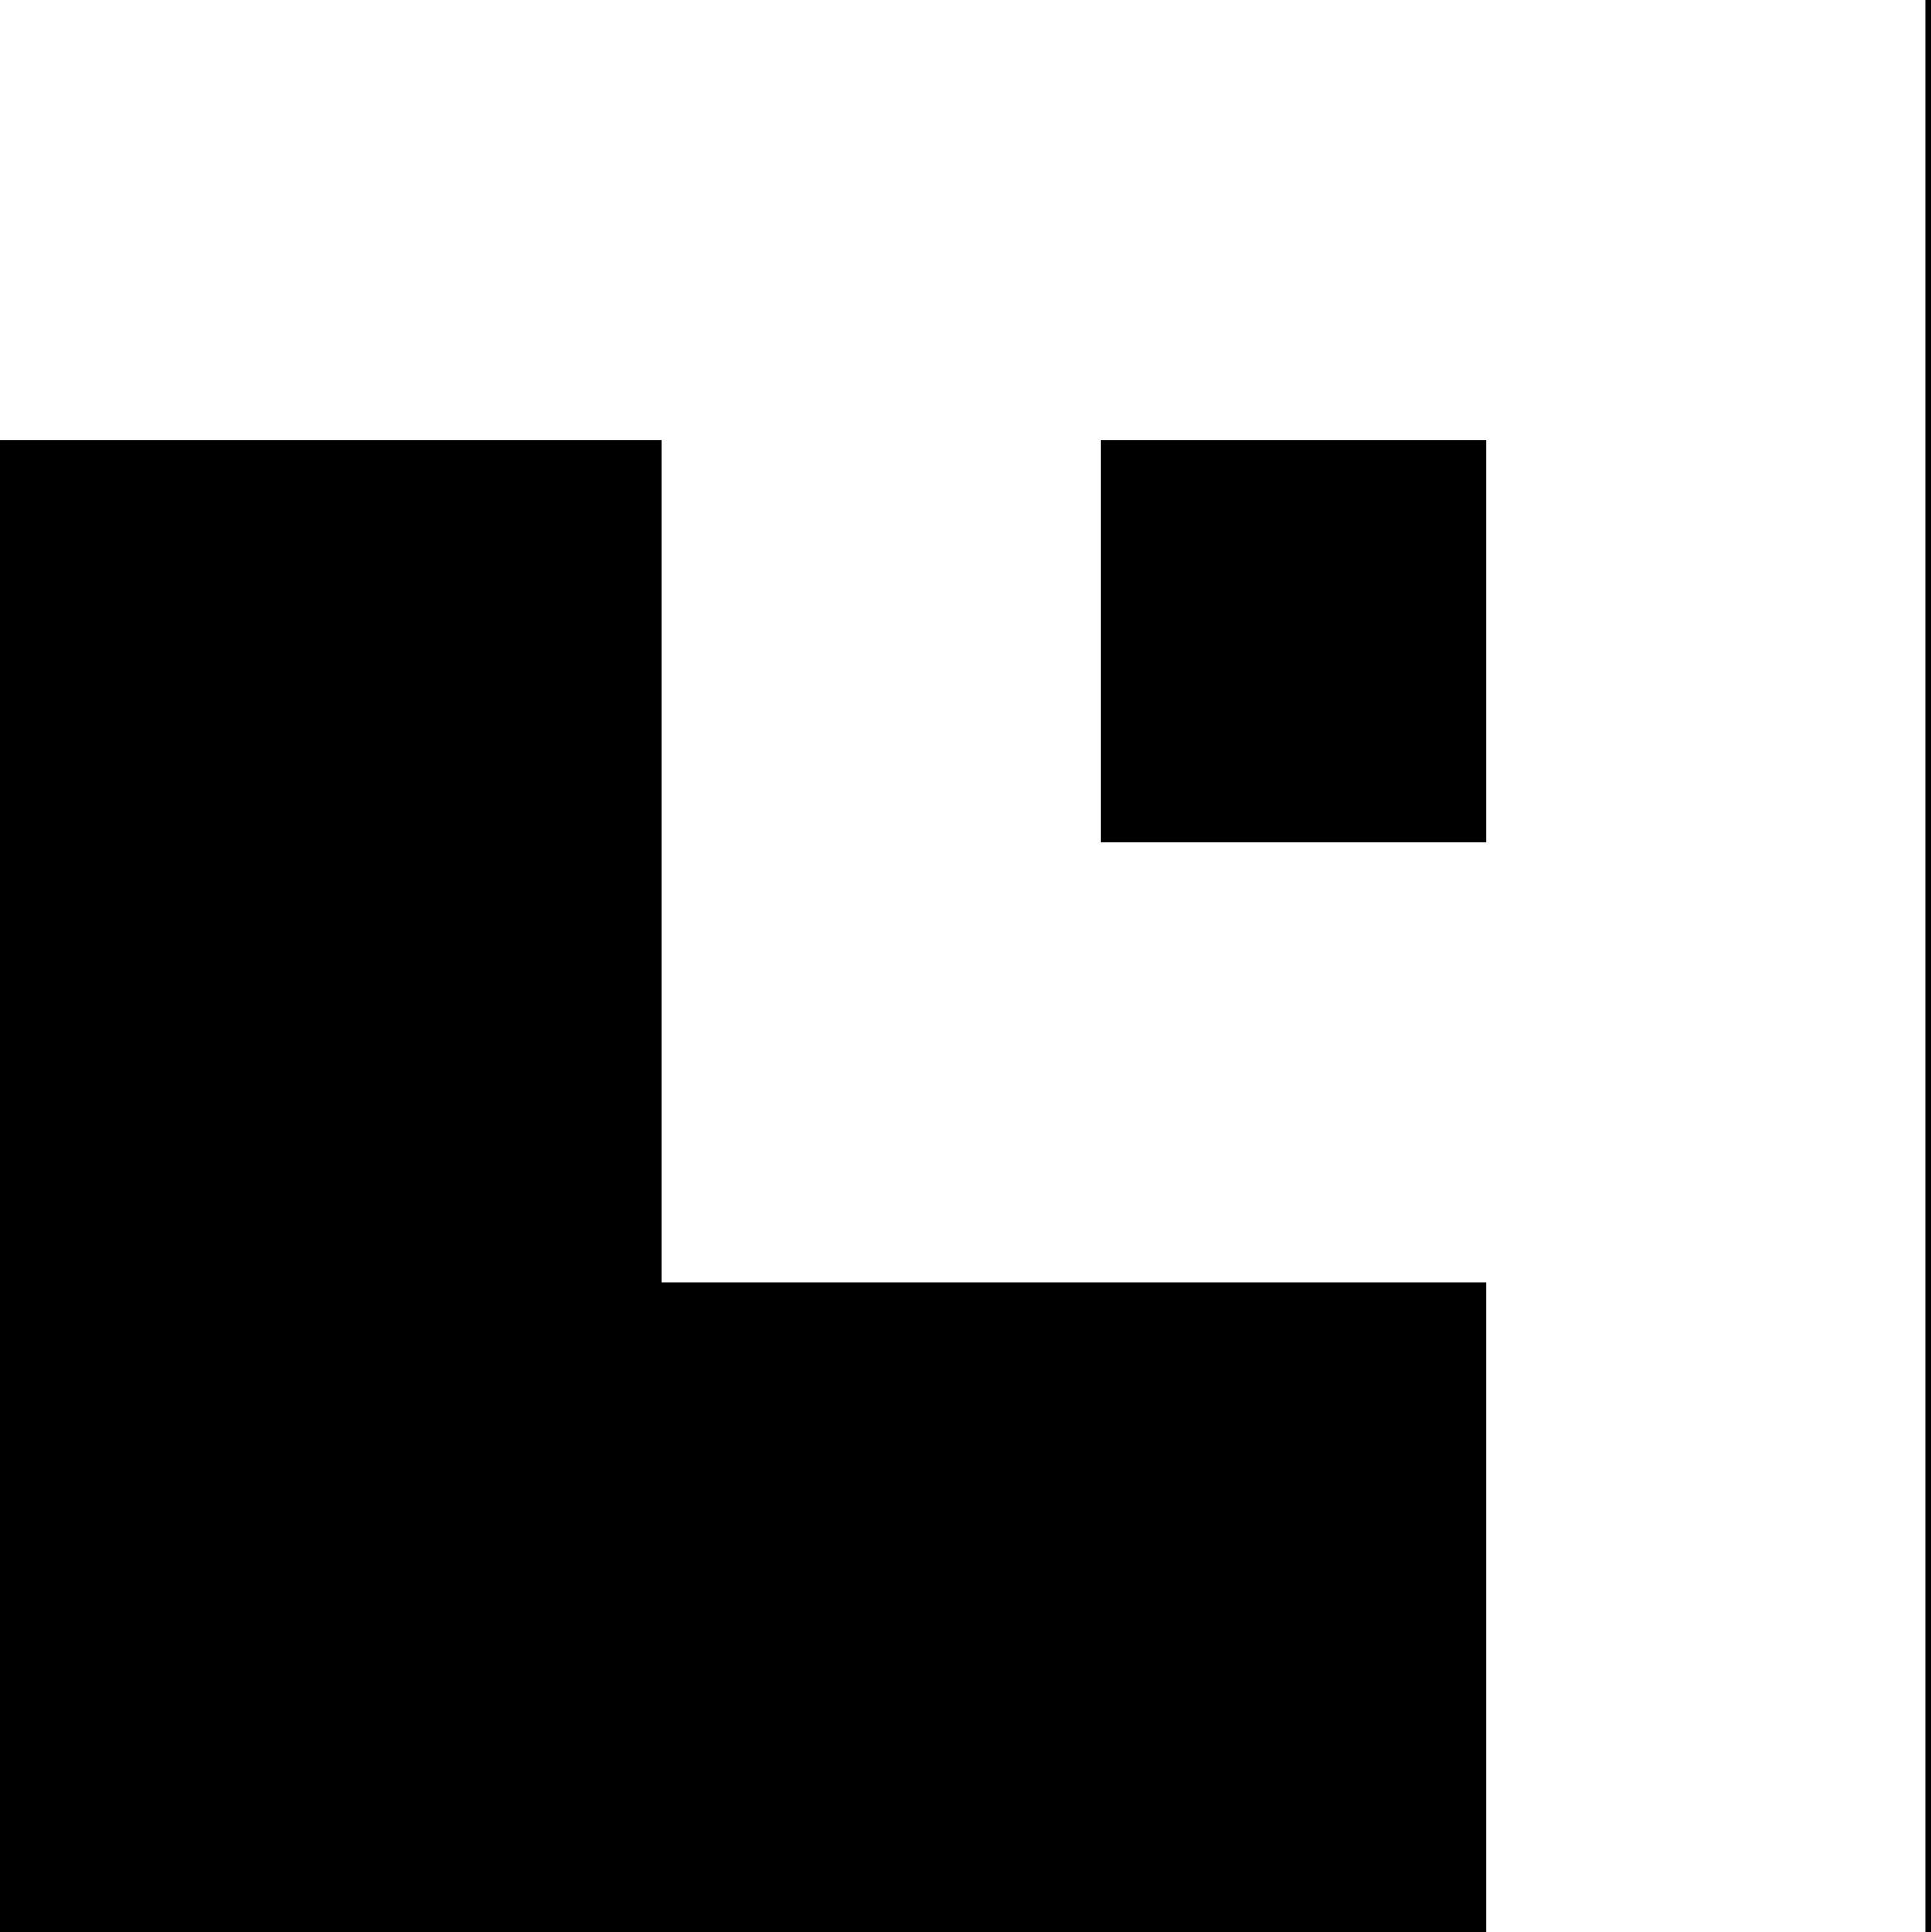 Tart Logo Teil 2 Schwarz